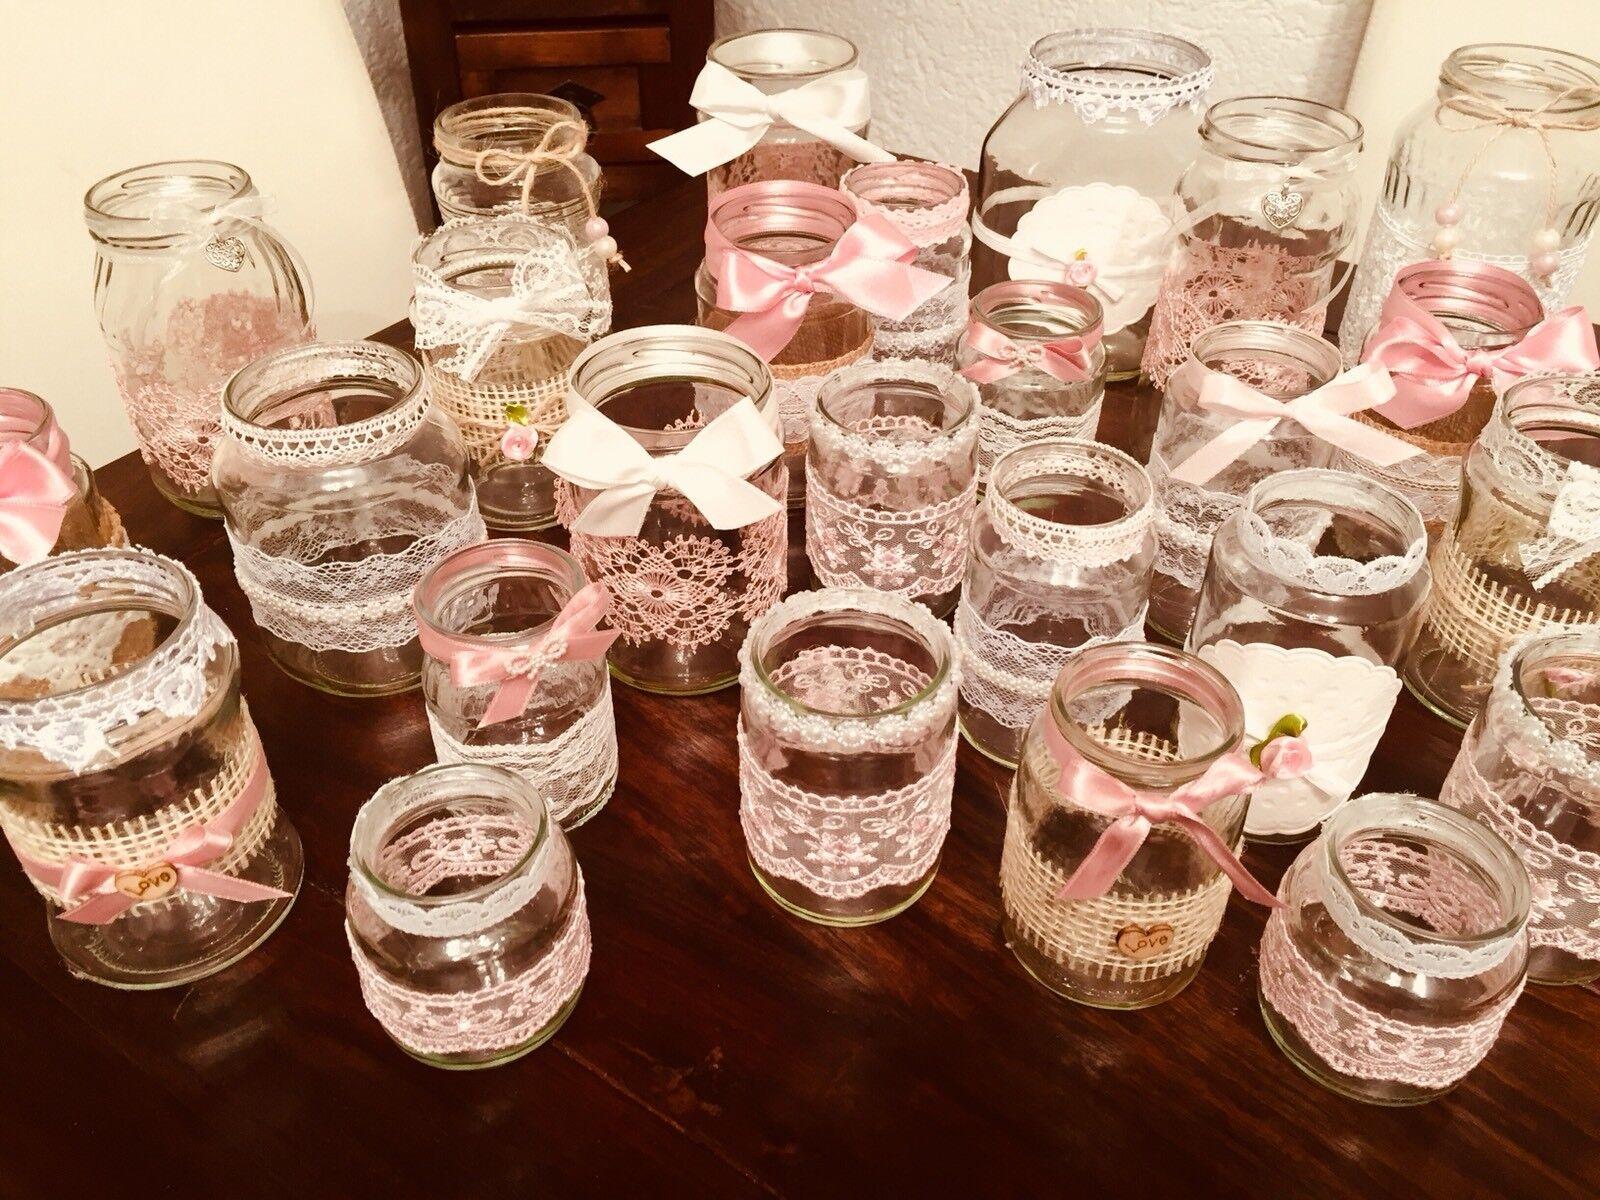 Vintage hochzeit Deko Set 50teilig Shabby Spitze Vasen Teelichthalter Rosa   Won hoch geschätzt und weithin vertraut im in- und Ausland vertraut    Outlet Store Online    Schönes Design